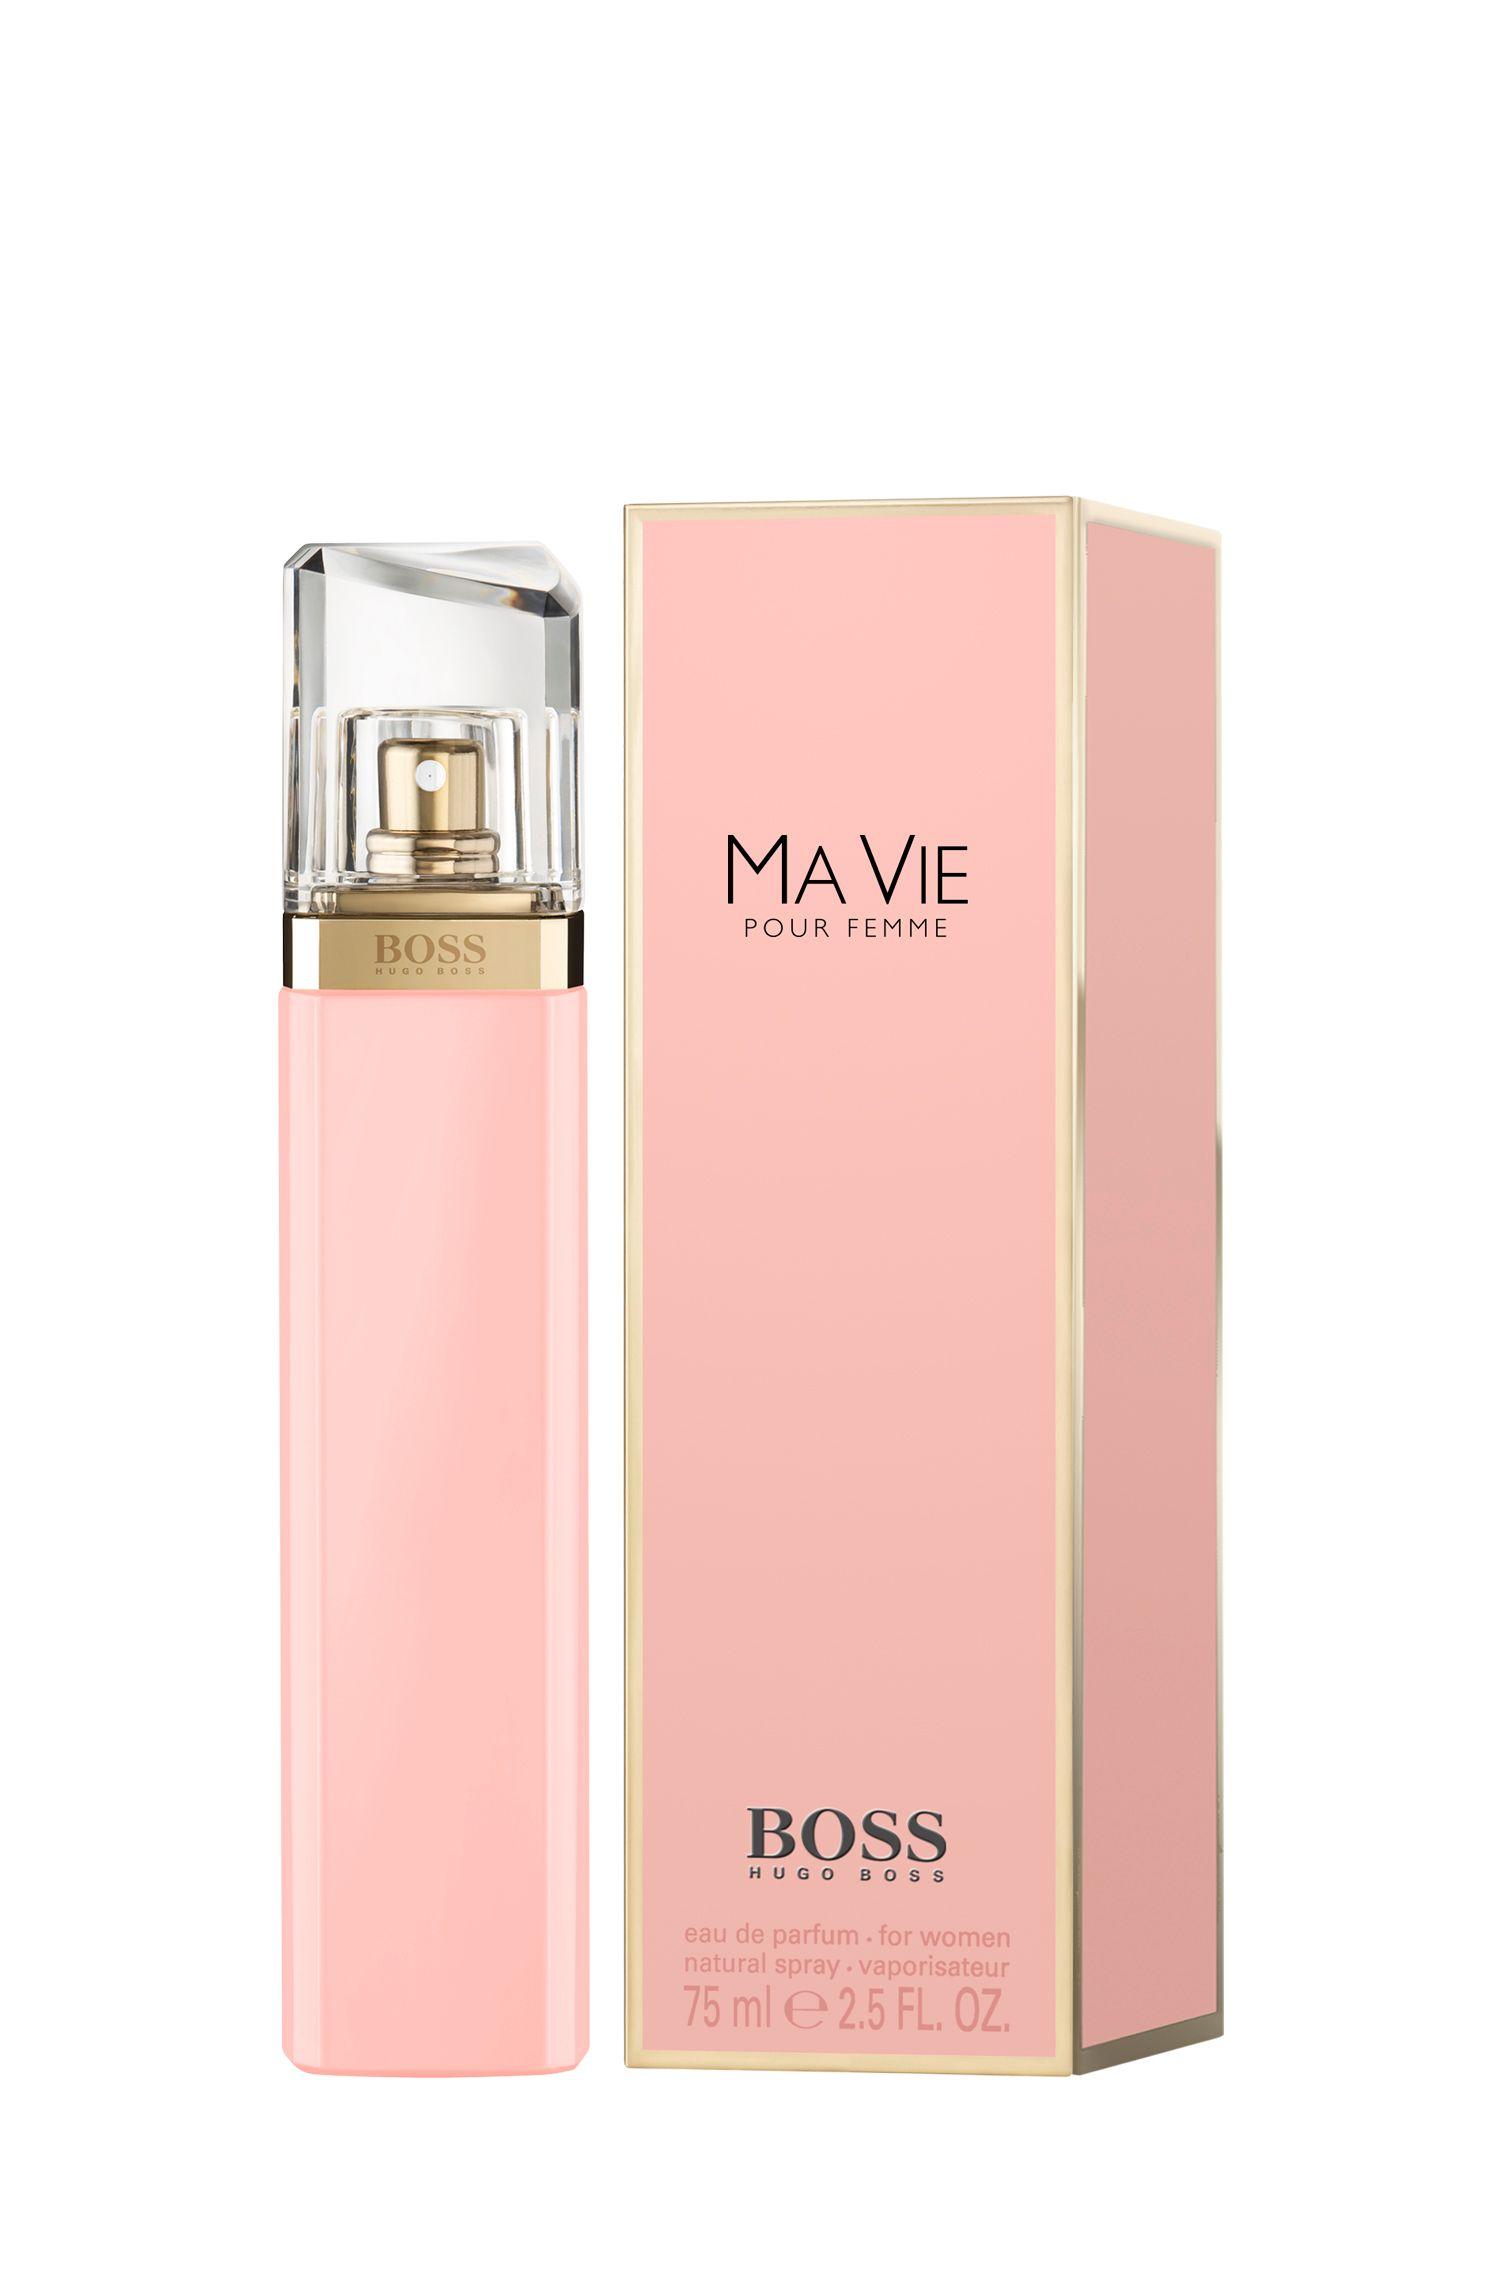 Eau de parfum BOSS Ma Vie pour femme da 75ml